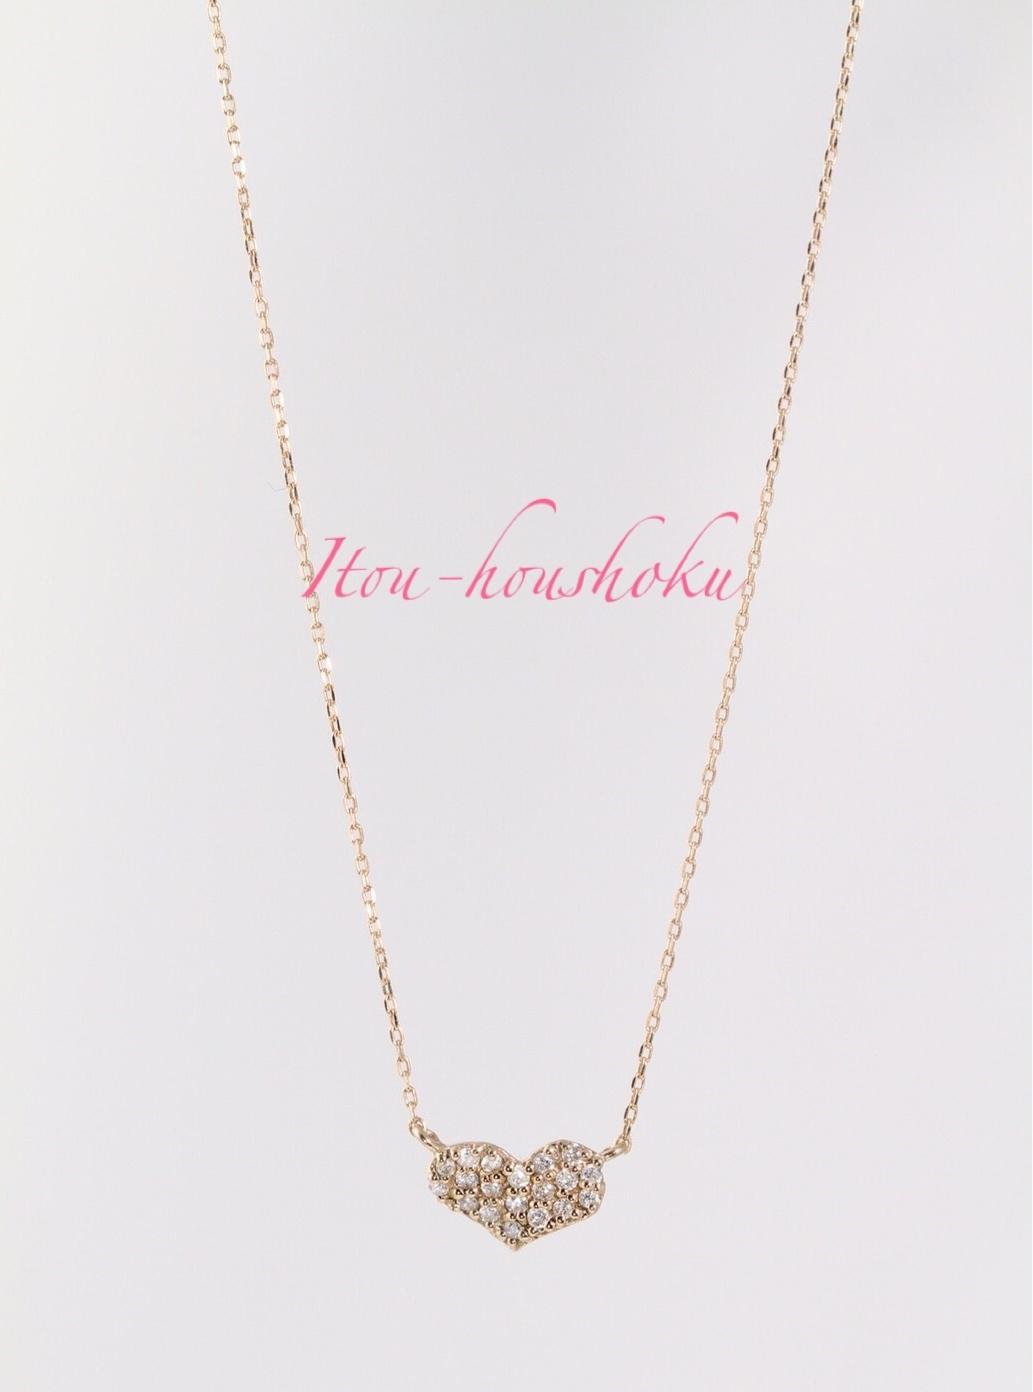 K18  ピンクゴールド ダイヤ0.12ct ネックレス ○